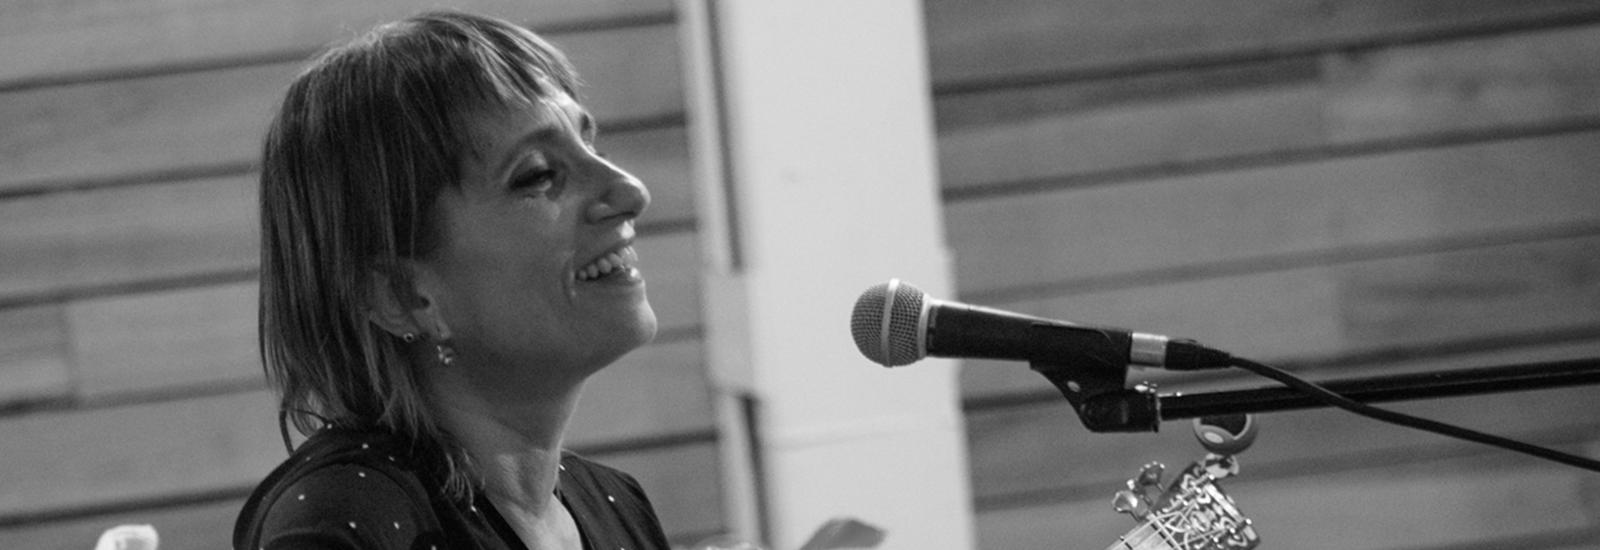 Hilda Lizarazu, Arte por la Igualdad, Día Mundial Violencia de Género, Queridas, Arredo